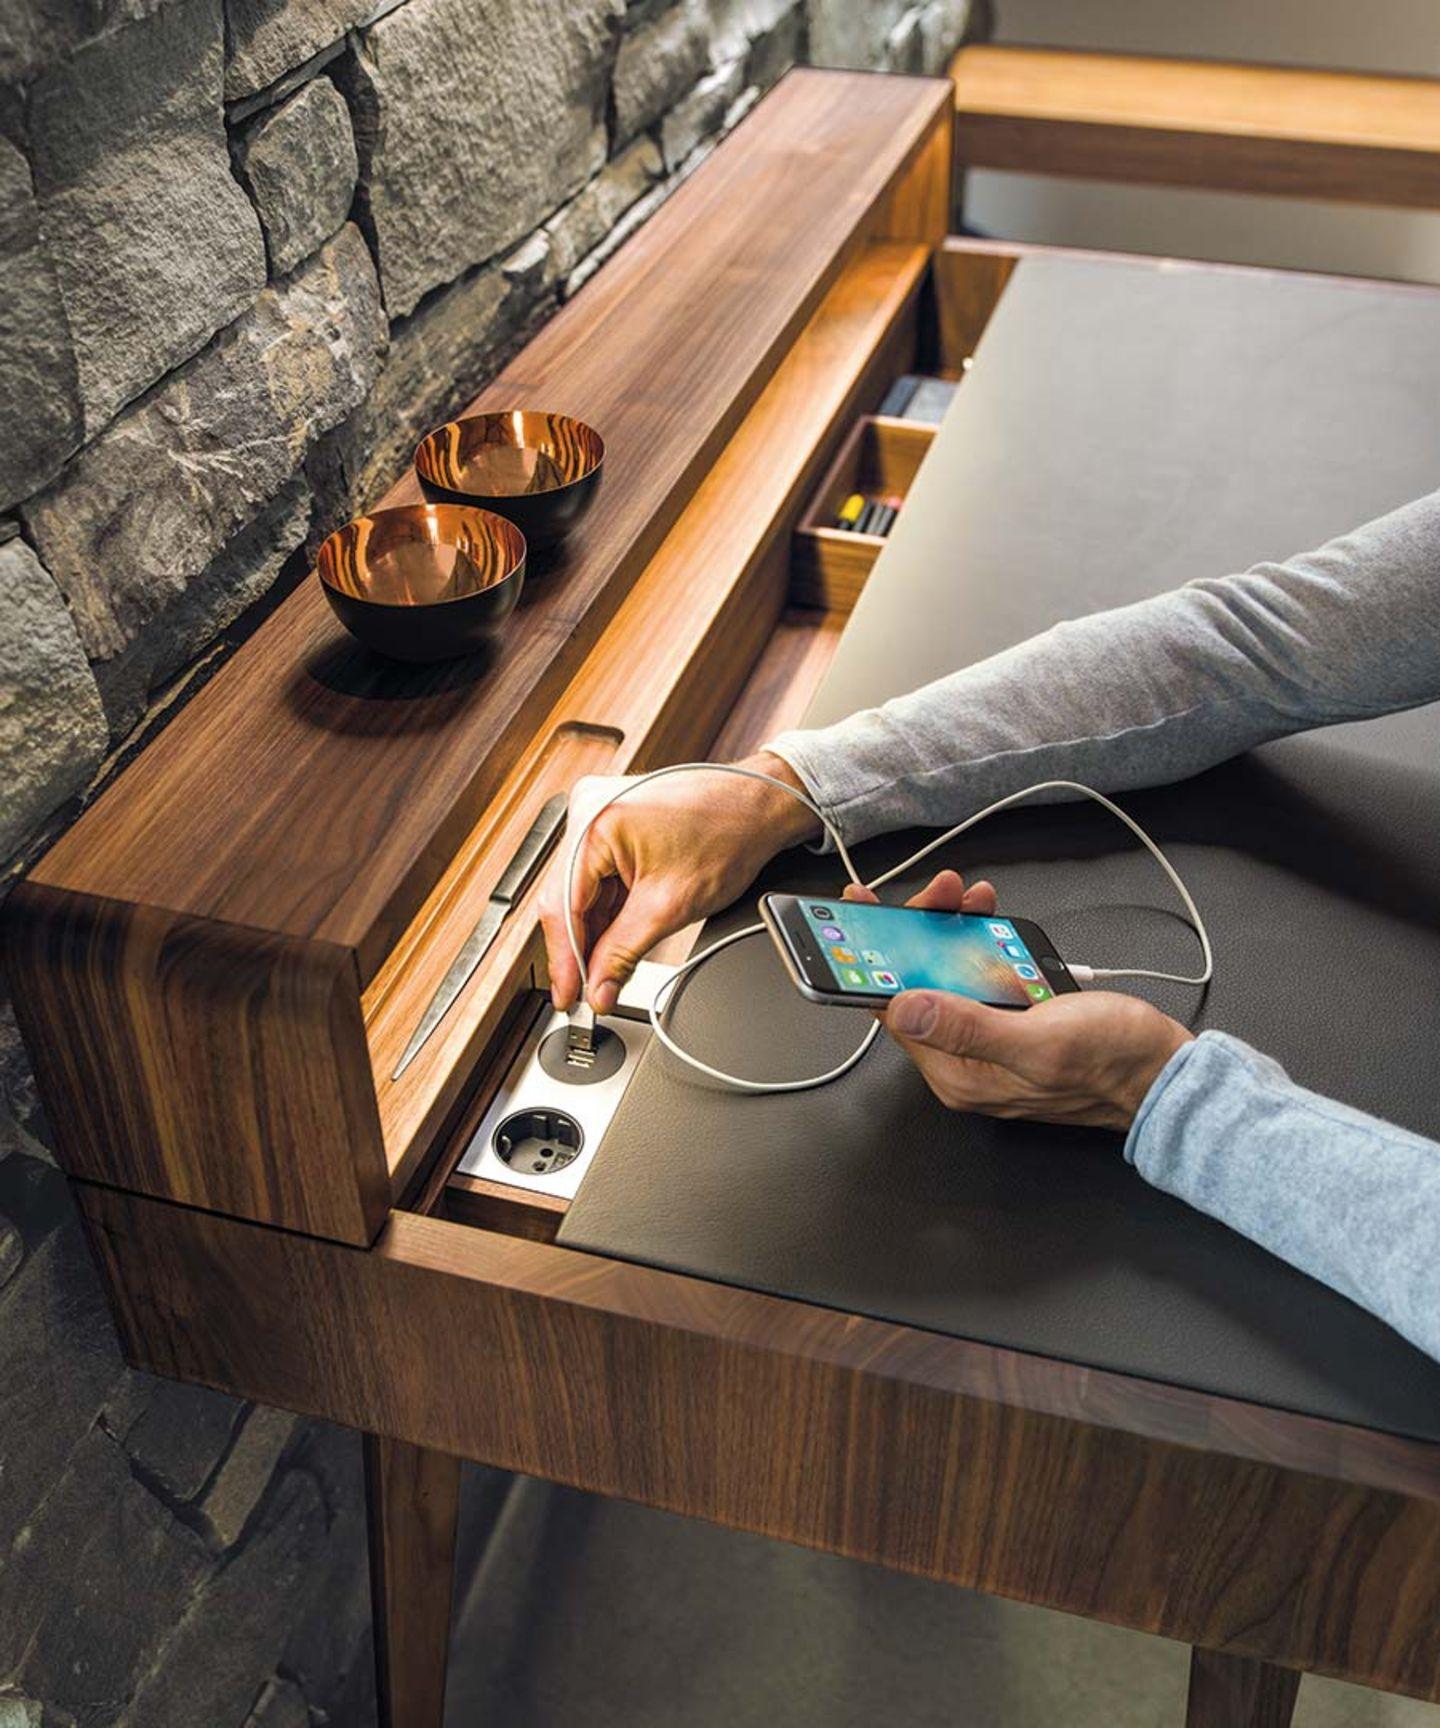 Bureau sol avec prises et port USB intégrés